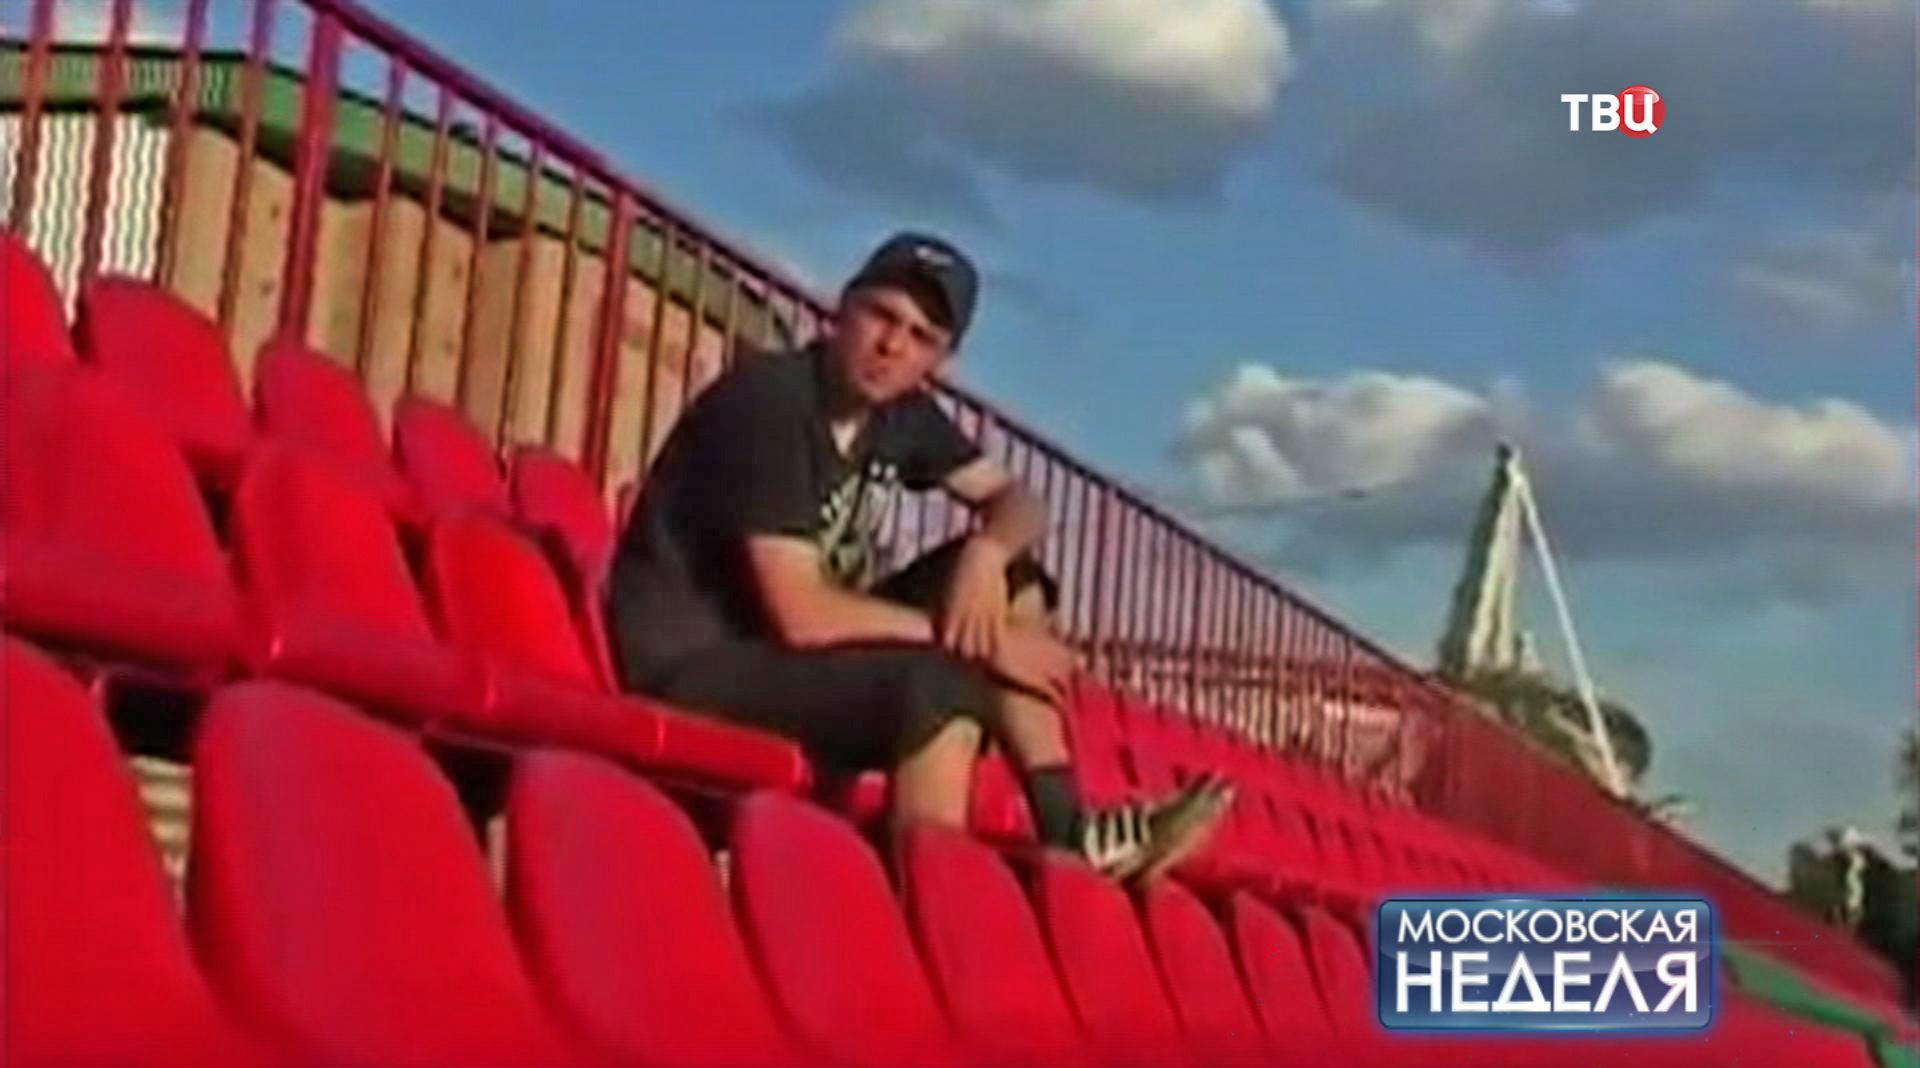 Художник граффити Павел Пухов